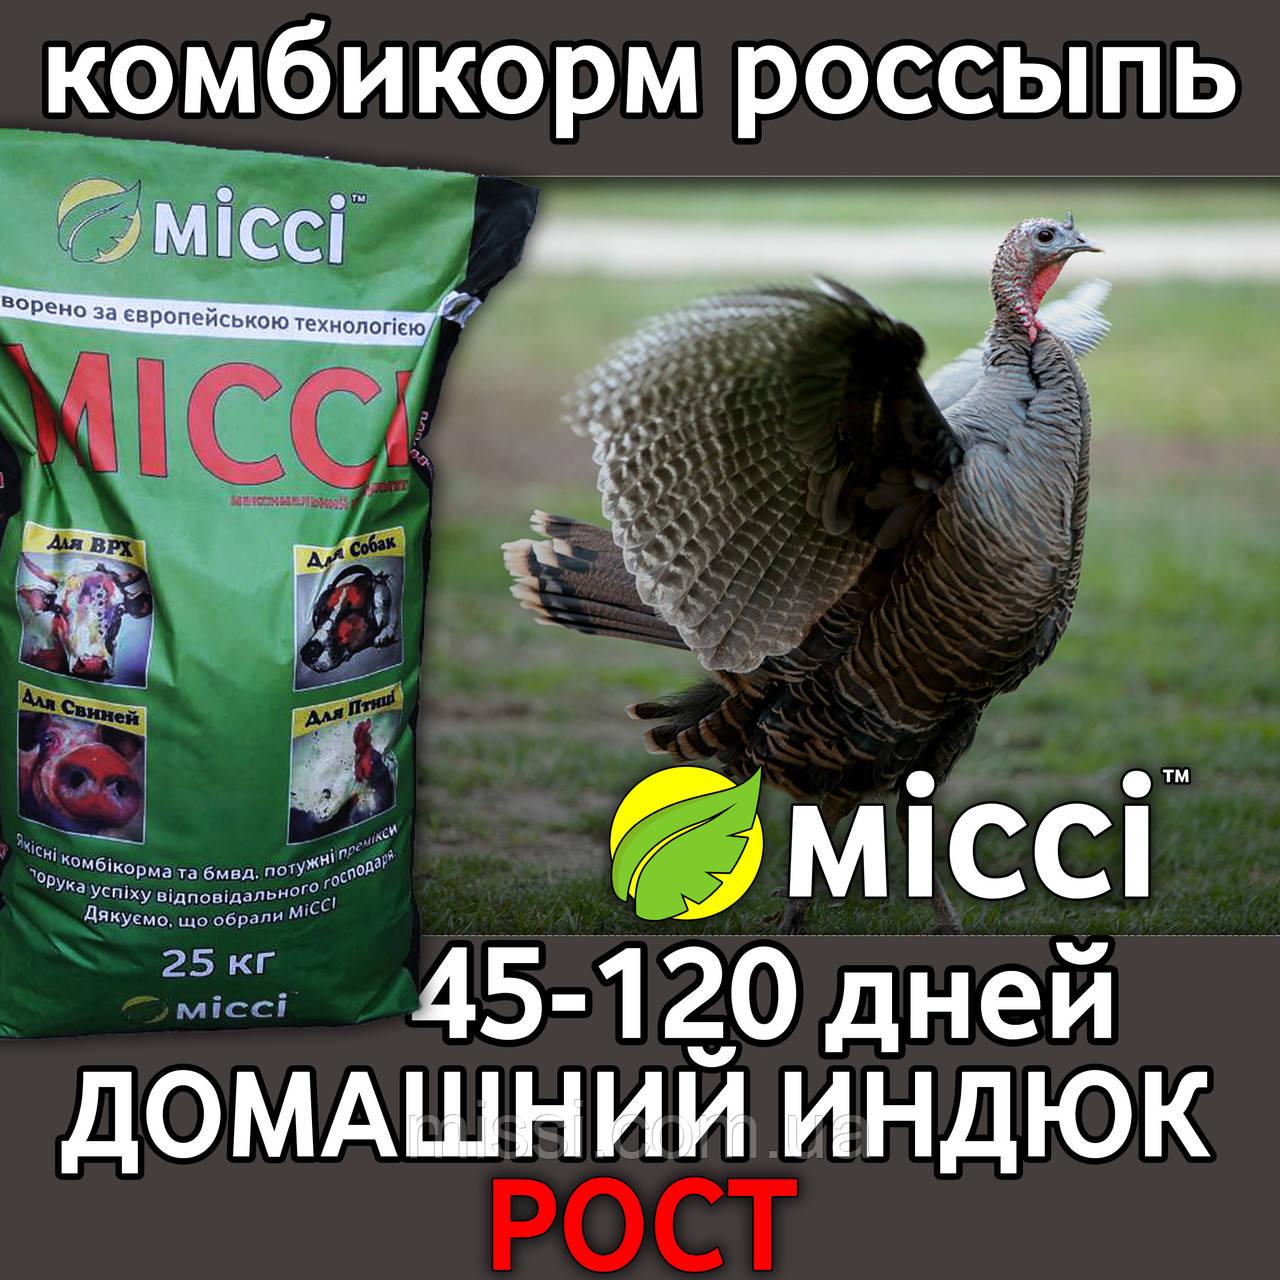 Комбикорм РОСТ (45-120 дней) для ДОМАШНИХ ИНДЮКОВ (мешок 25 кг), Міссі